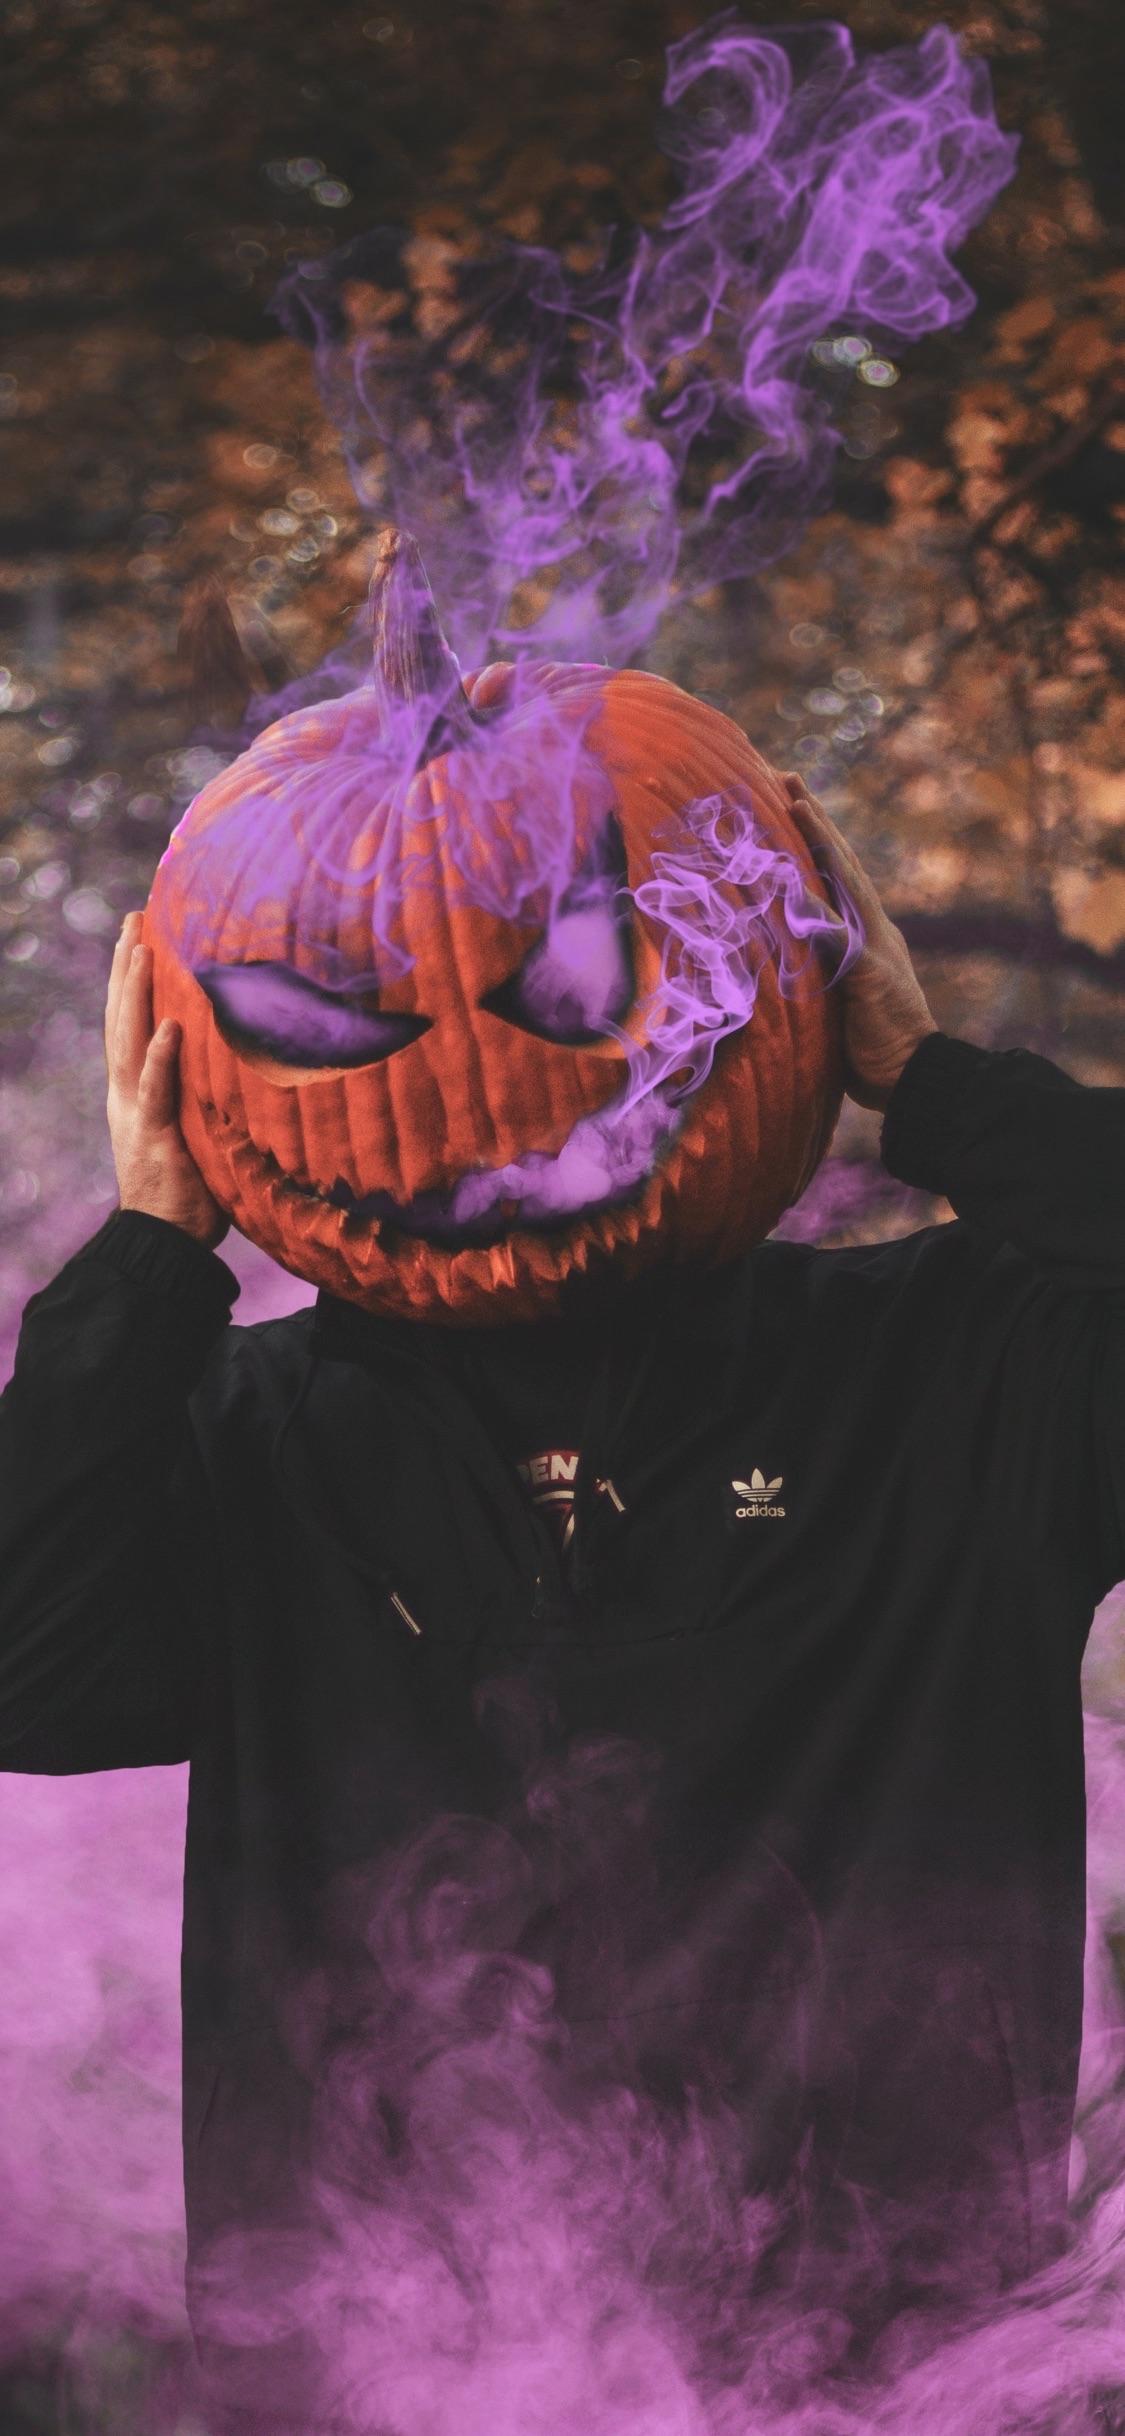 Wallpaper Weekends: Happy Halloween iPhone Wallpapers